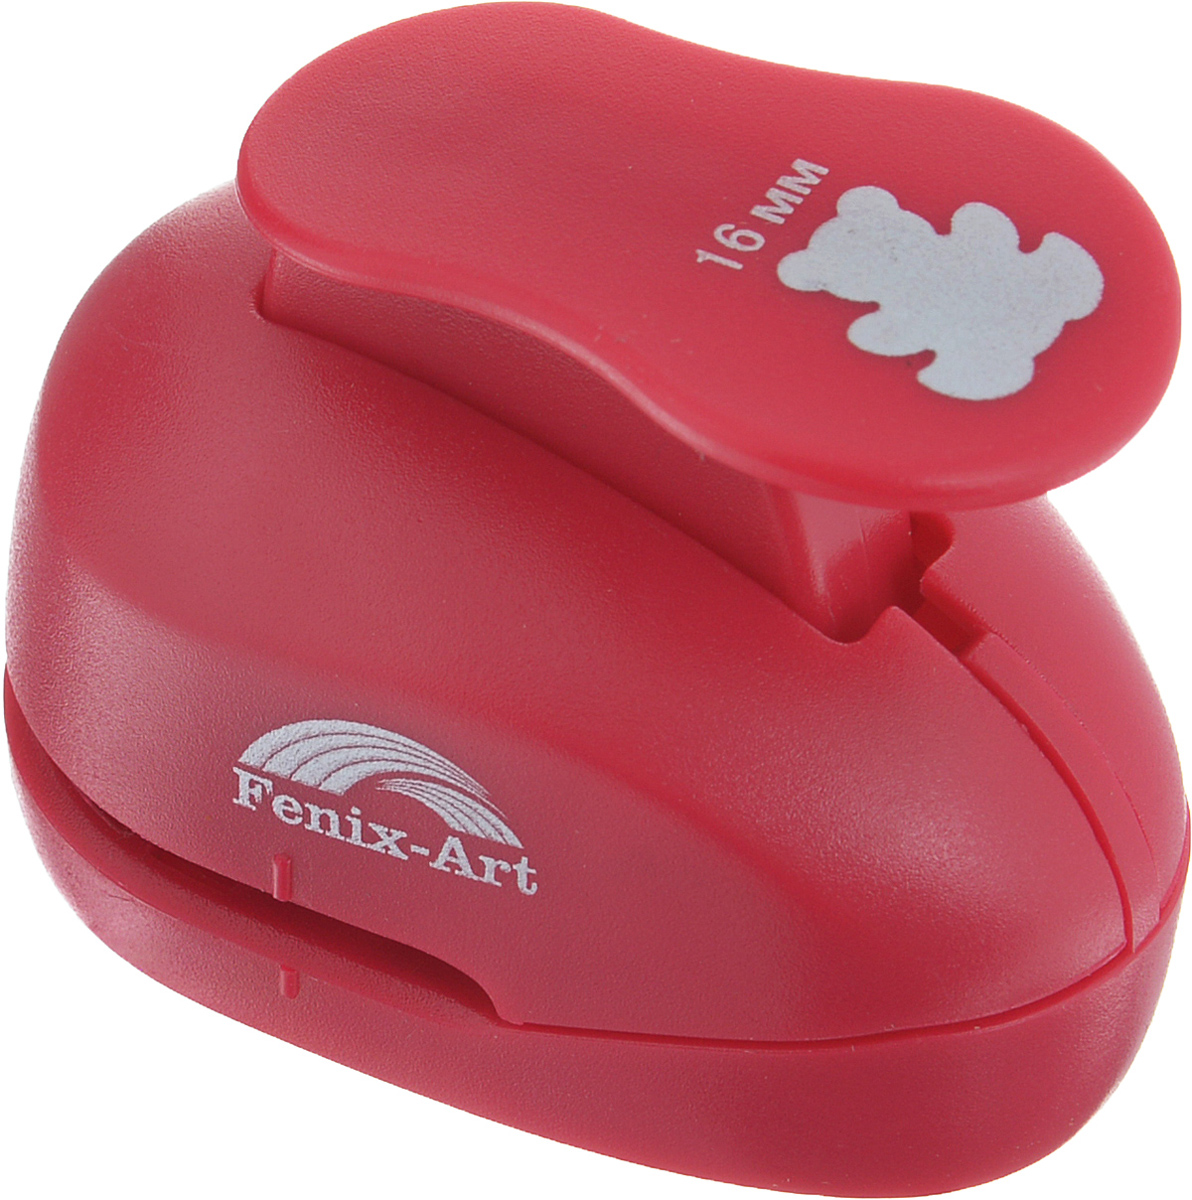 Дырокол фигурный Феникс+ Медвежонок, цвет: розовый. 3718137181Дырокол фигурный Феникс+ Медвежонок поможет вам легко, просто и аккуратно вырезать много одинаковых мелких фигурок. Режущие части компостера закрыты пластмассовым корпусом, что обеспечивает безопасность для детей. Можно использовать вырезанные мотивы как конфетти или для наклеивания. Дырокол подходит для разных техник: декупажа, скрапбукинга, декорирования.Размер дырокола: 6,5 см х 3,9 см х 5 см.Размер готовой фигурки: 1,6 см.